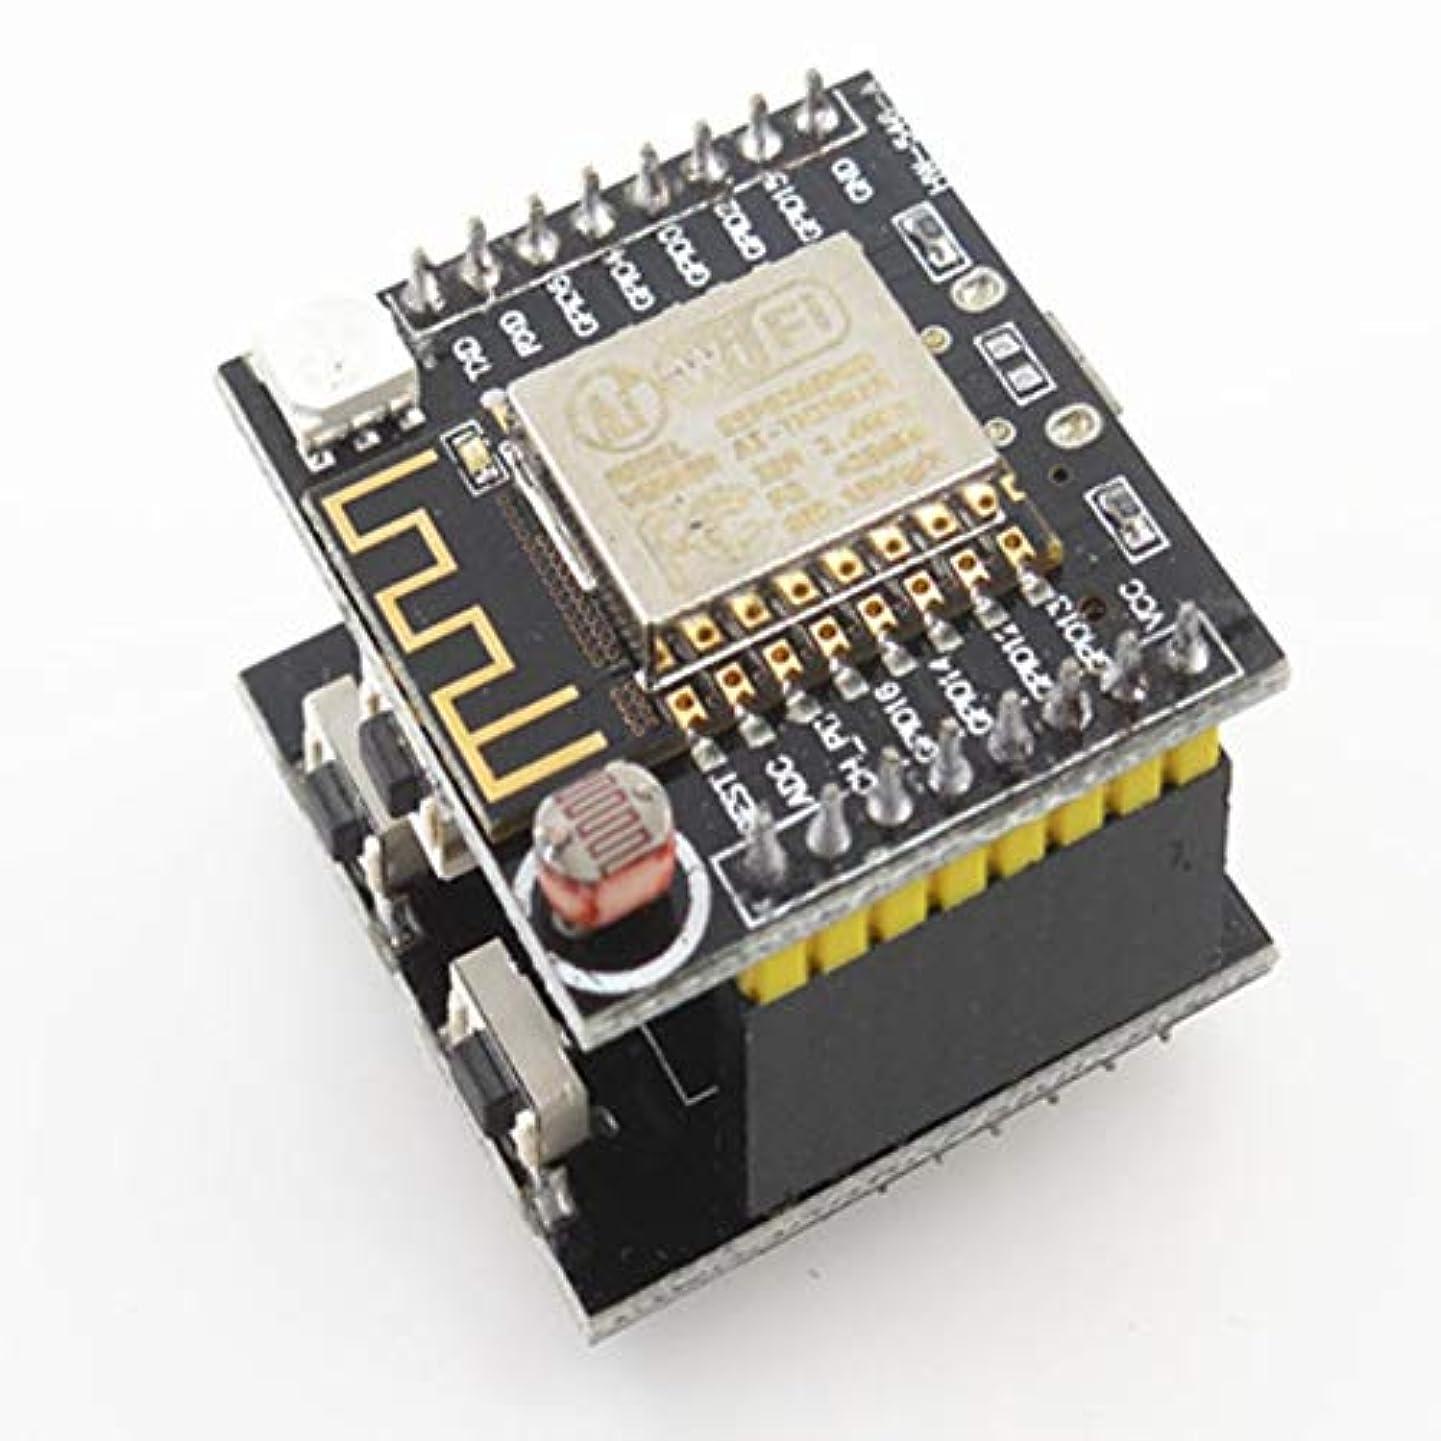 通路うま消費MolySun HW-546 ESP8266機知に富んだクラウド開発ボードESP-12F